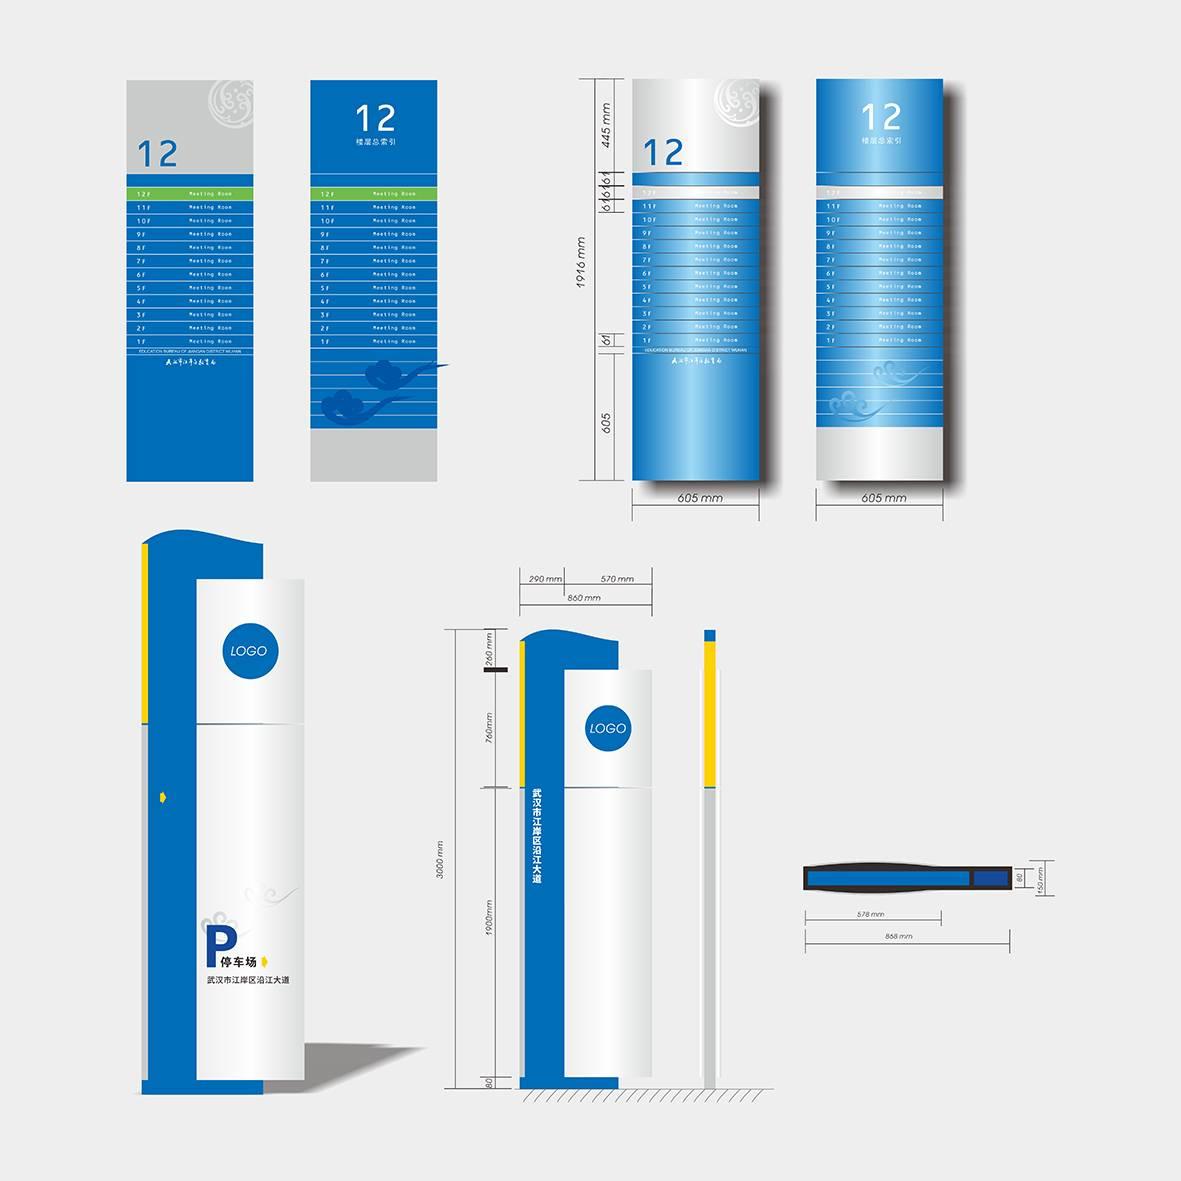 教育局导视标识  标识  导视  立式牌  设计 广告设计